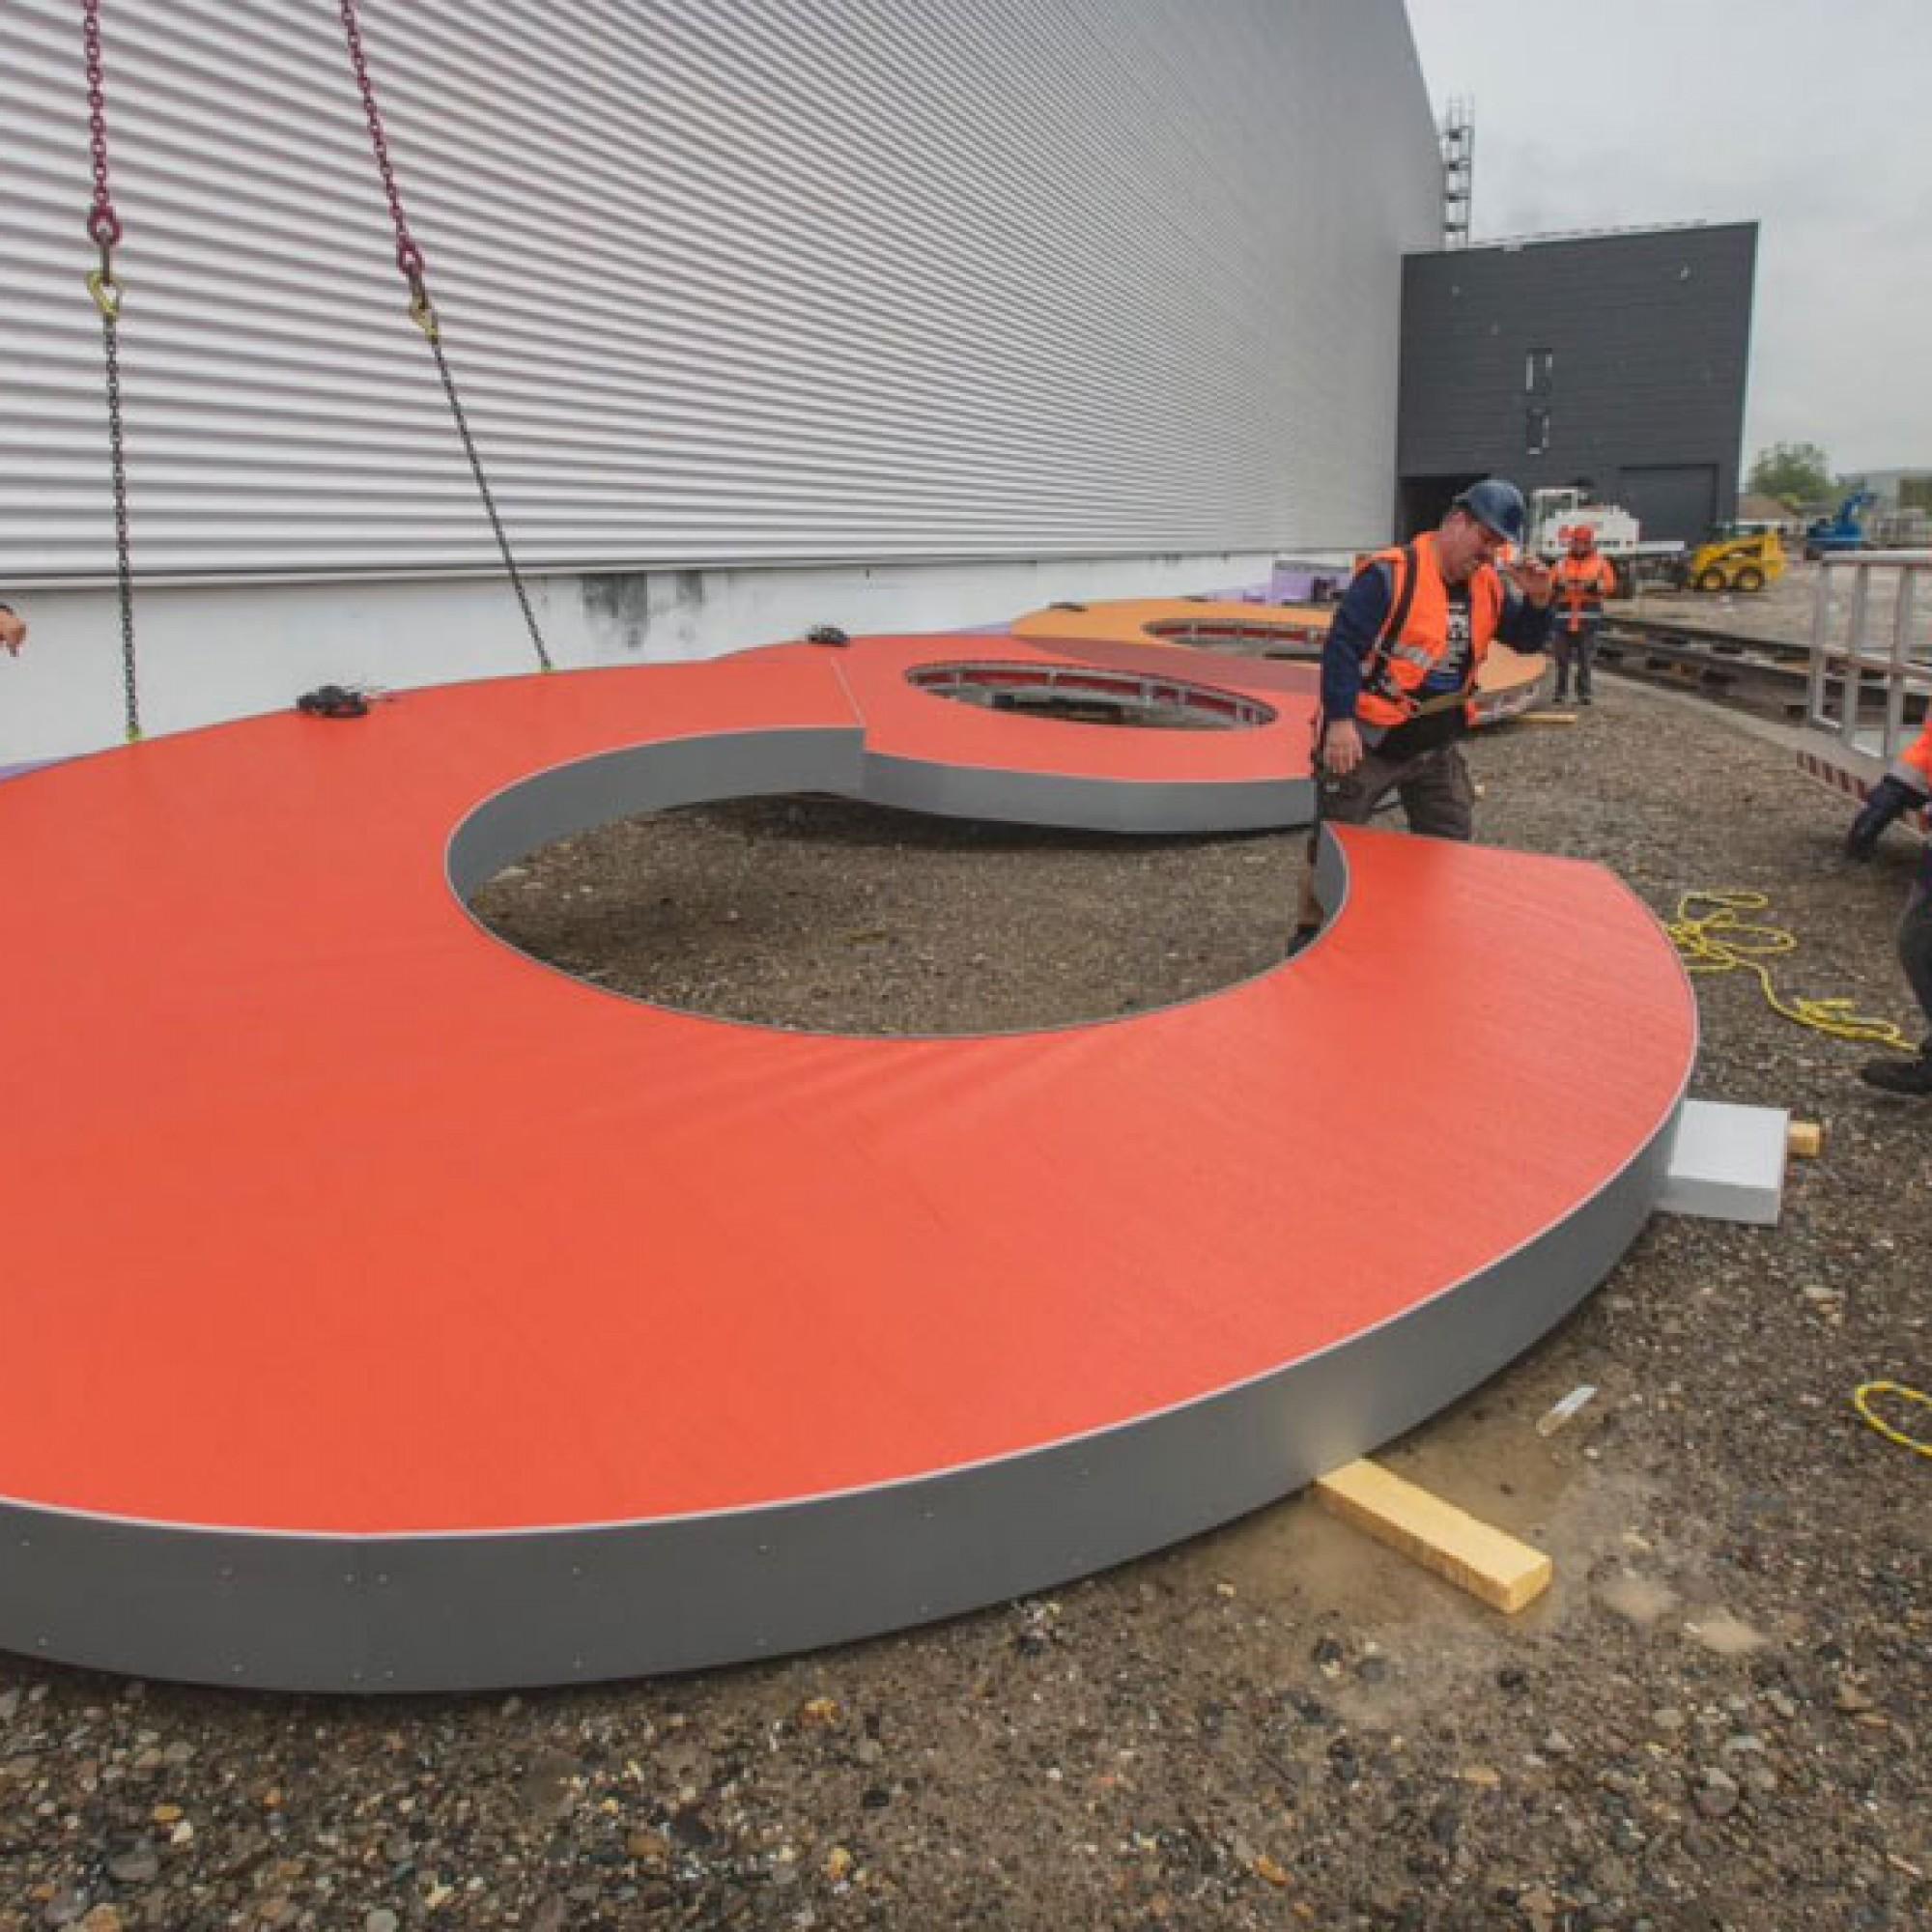 Die einzelnen Buchstaben sind zwischen 5 und 6,4 Meter hoch und bringen durchschnittlich 750 Kilogramm auf die Waage (Coop)